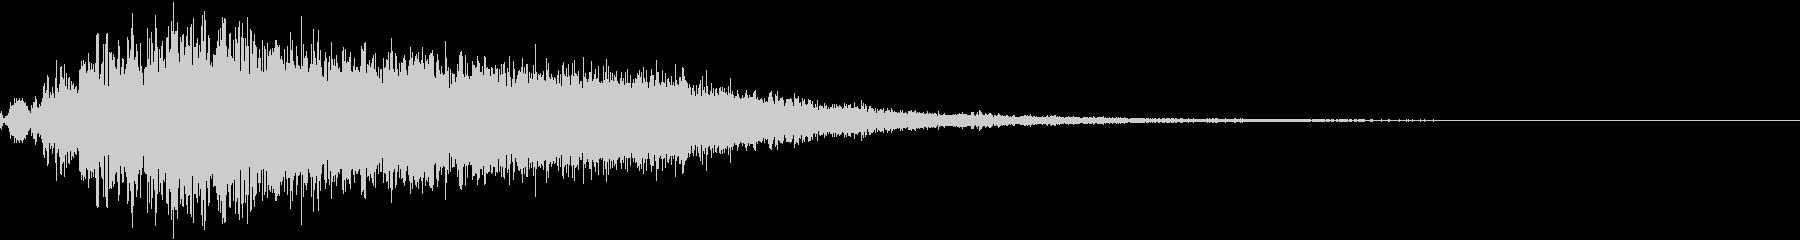 【ゲーム・アプリ】ホワホワホワ・・・の未再生の波形